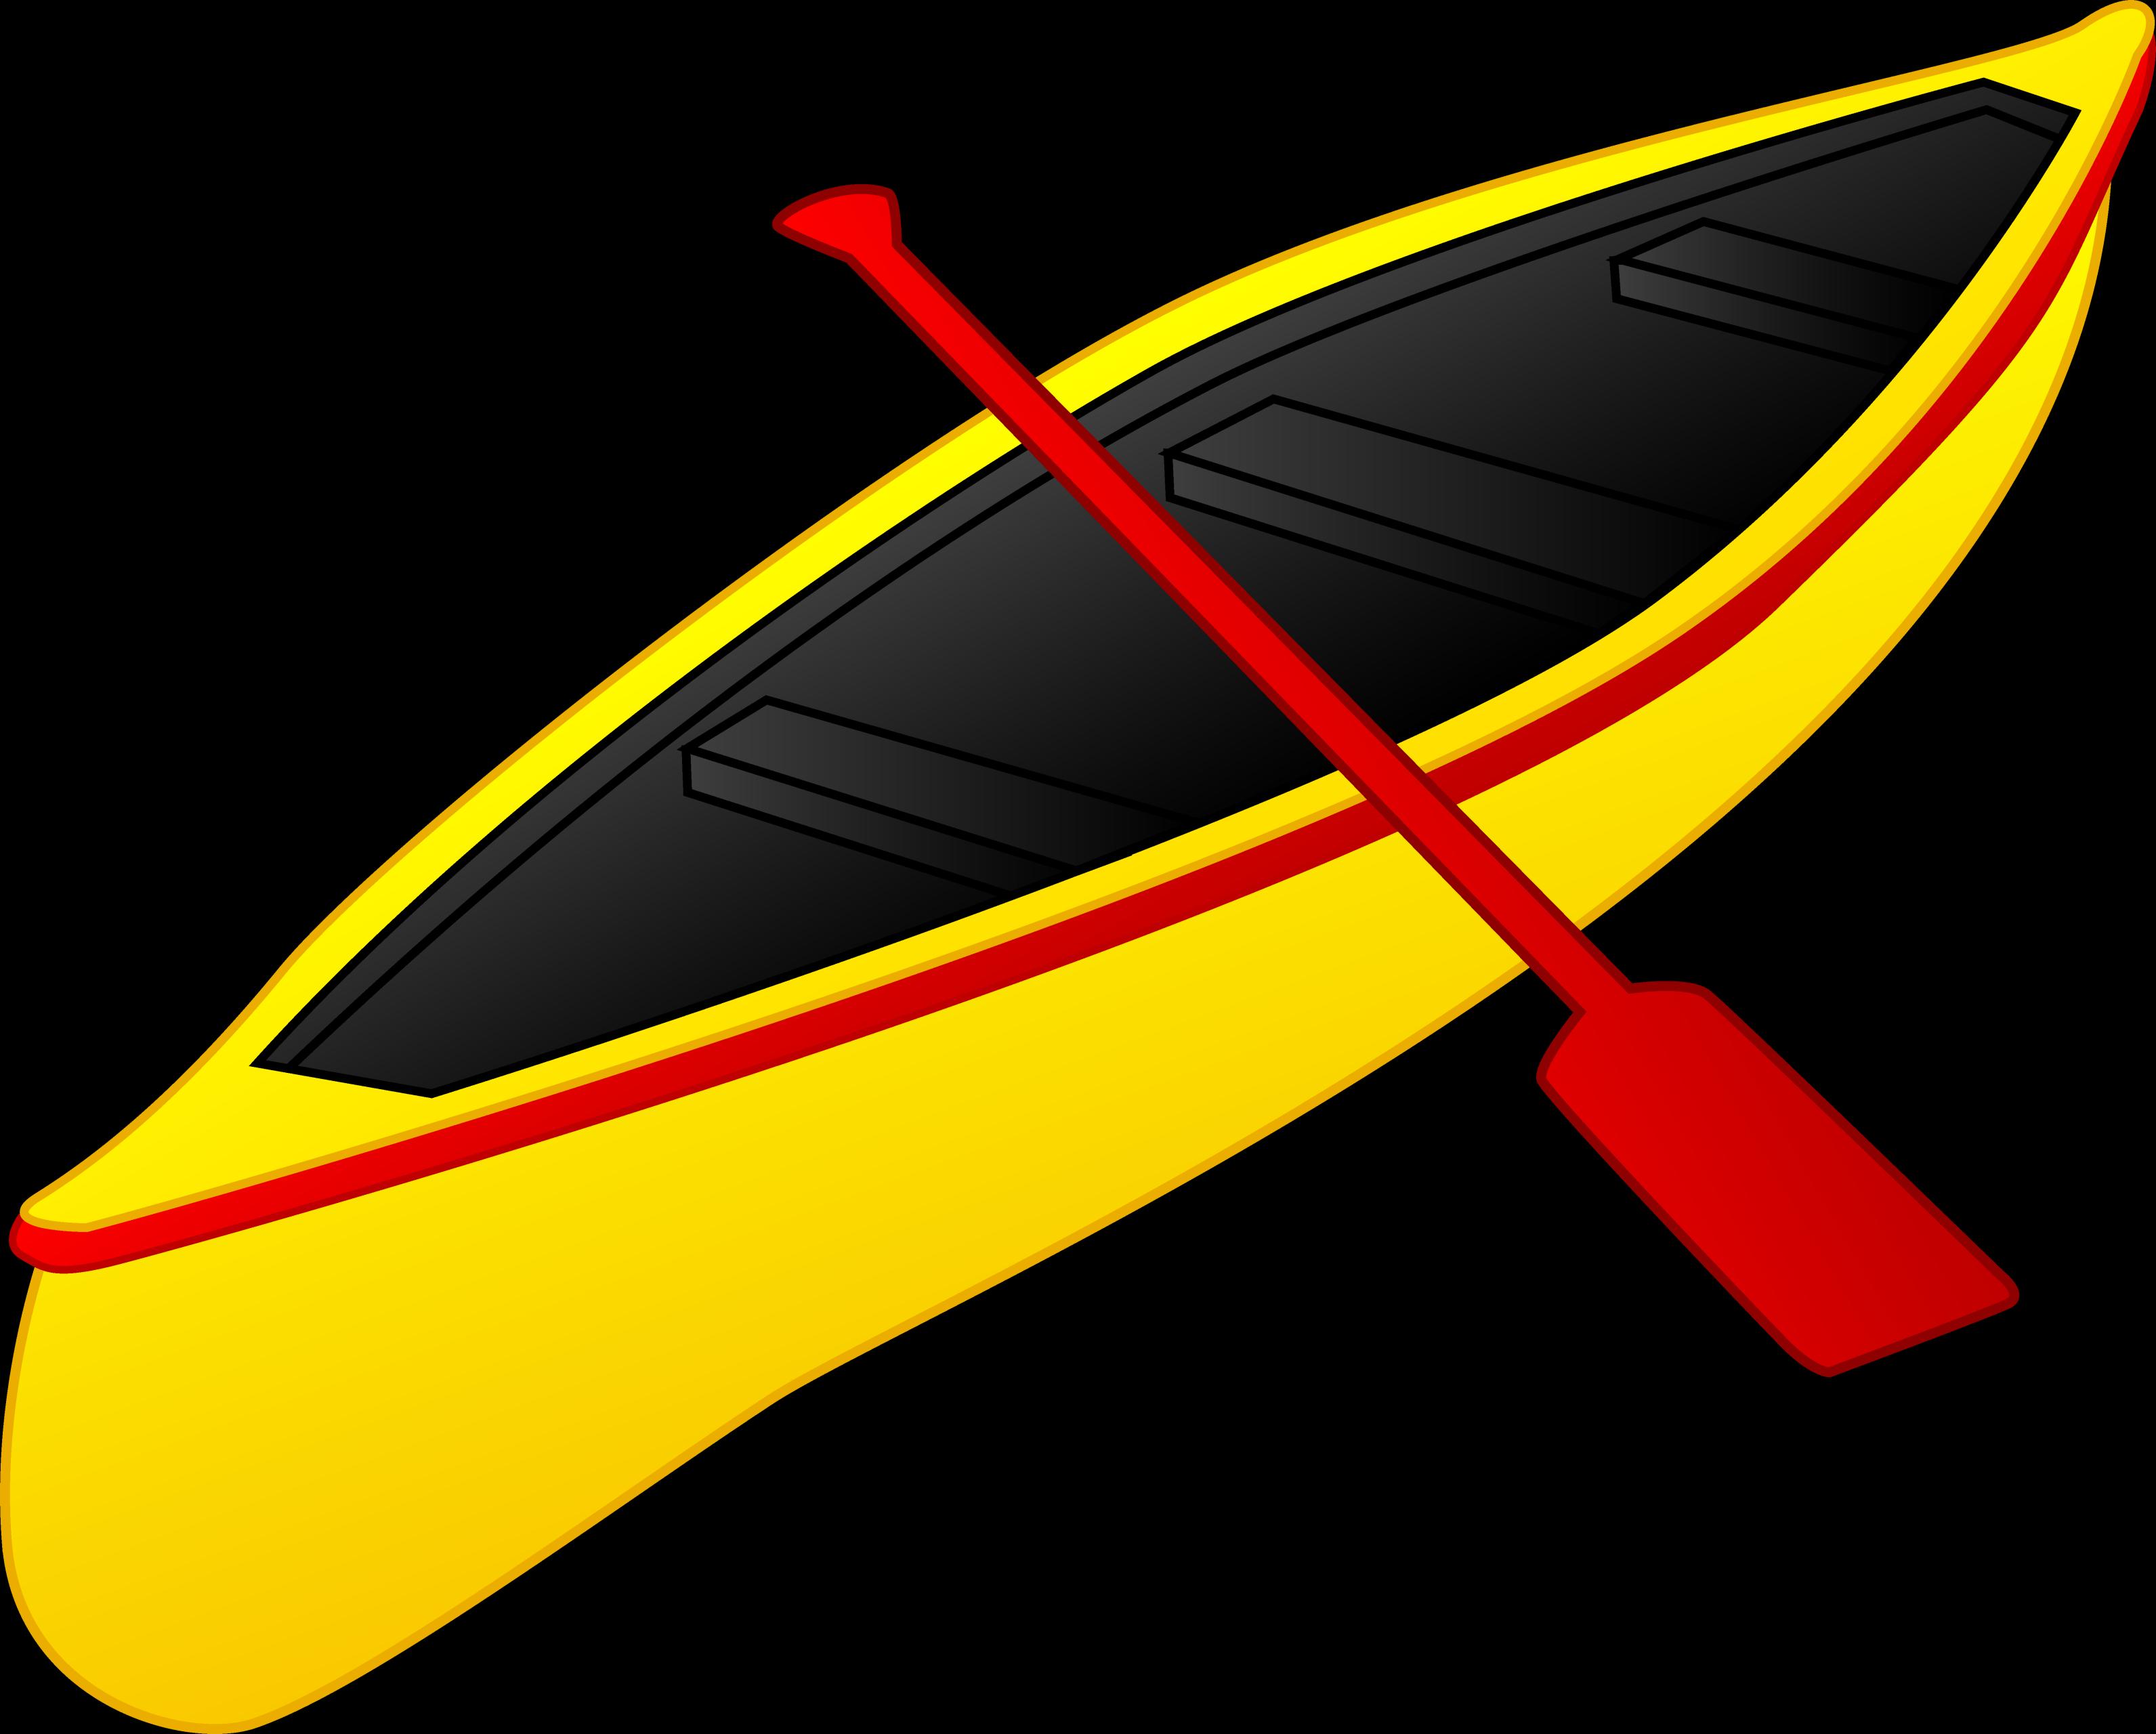 Kayaks canoes paddle boats. Canoe clipart canoe boat